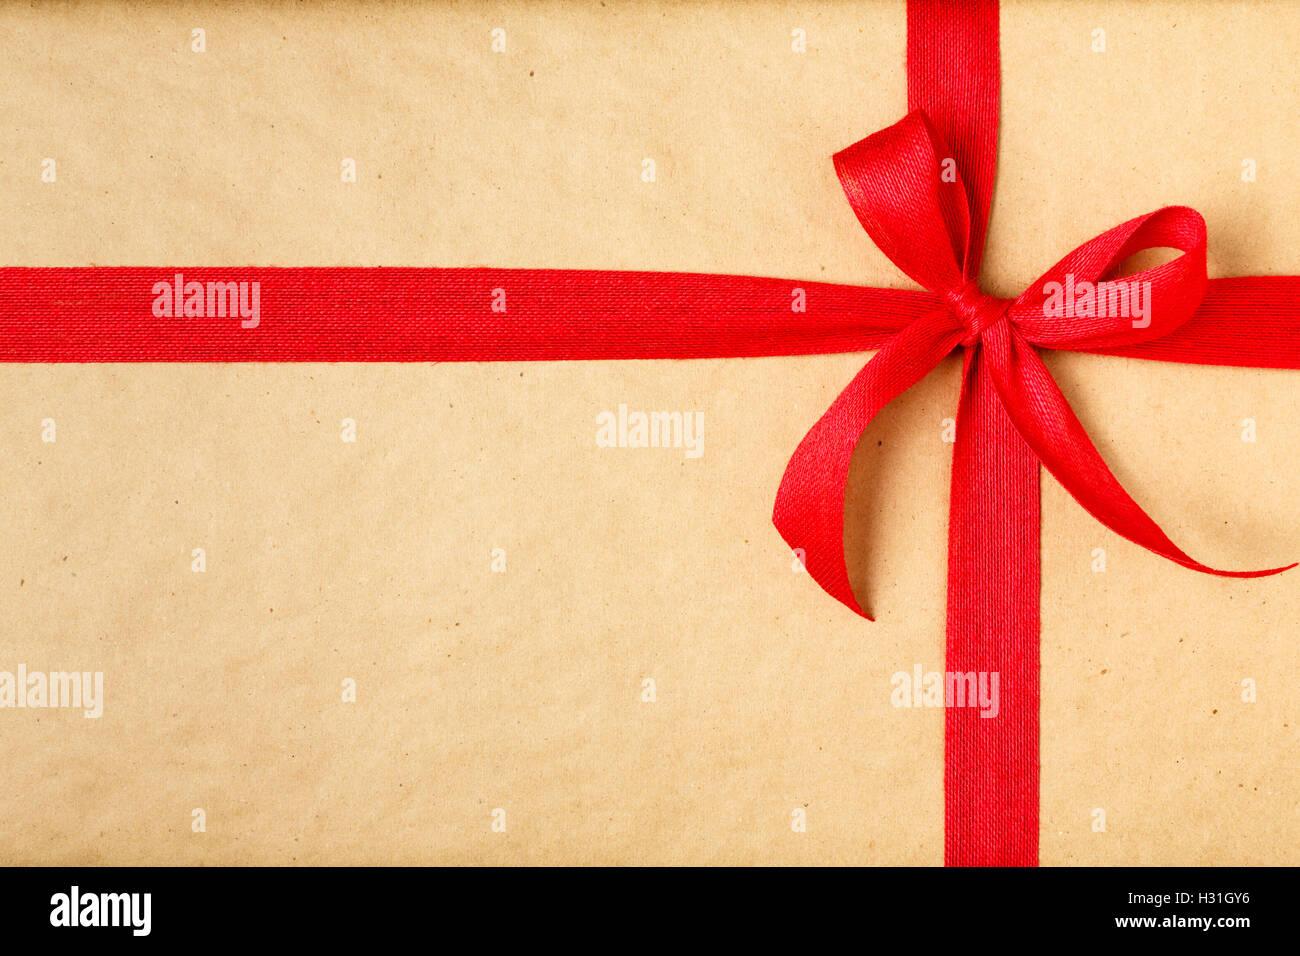 Regalo de Navidad Regalo de Navidad simple fondo con papel de embalaje reciclado y lazo rojo Imagen De Stock